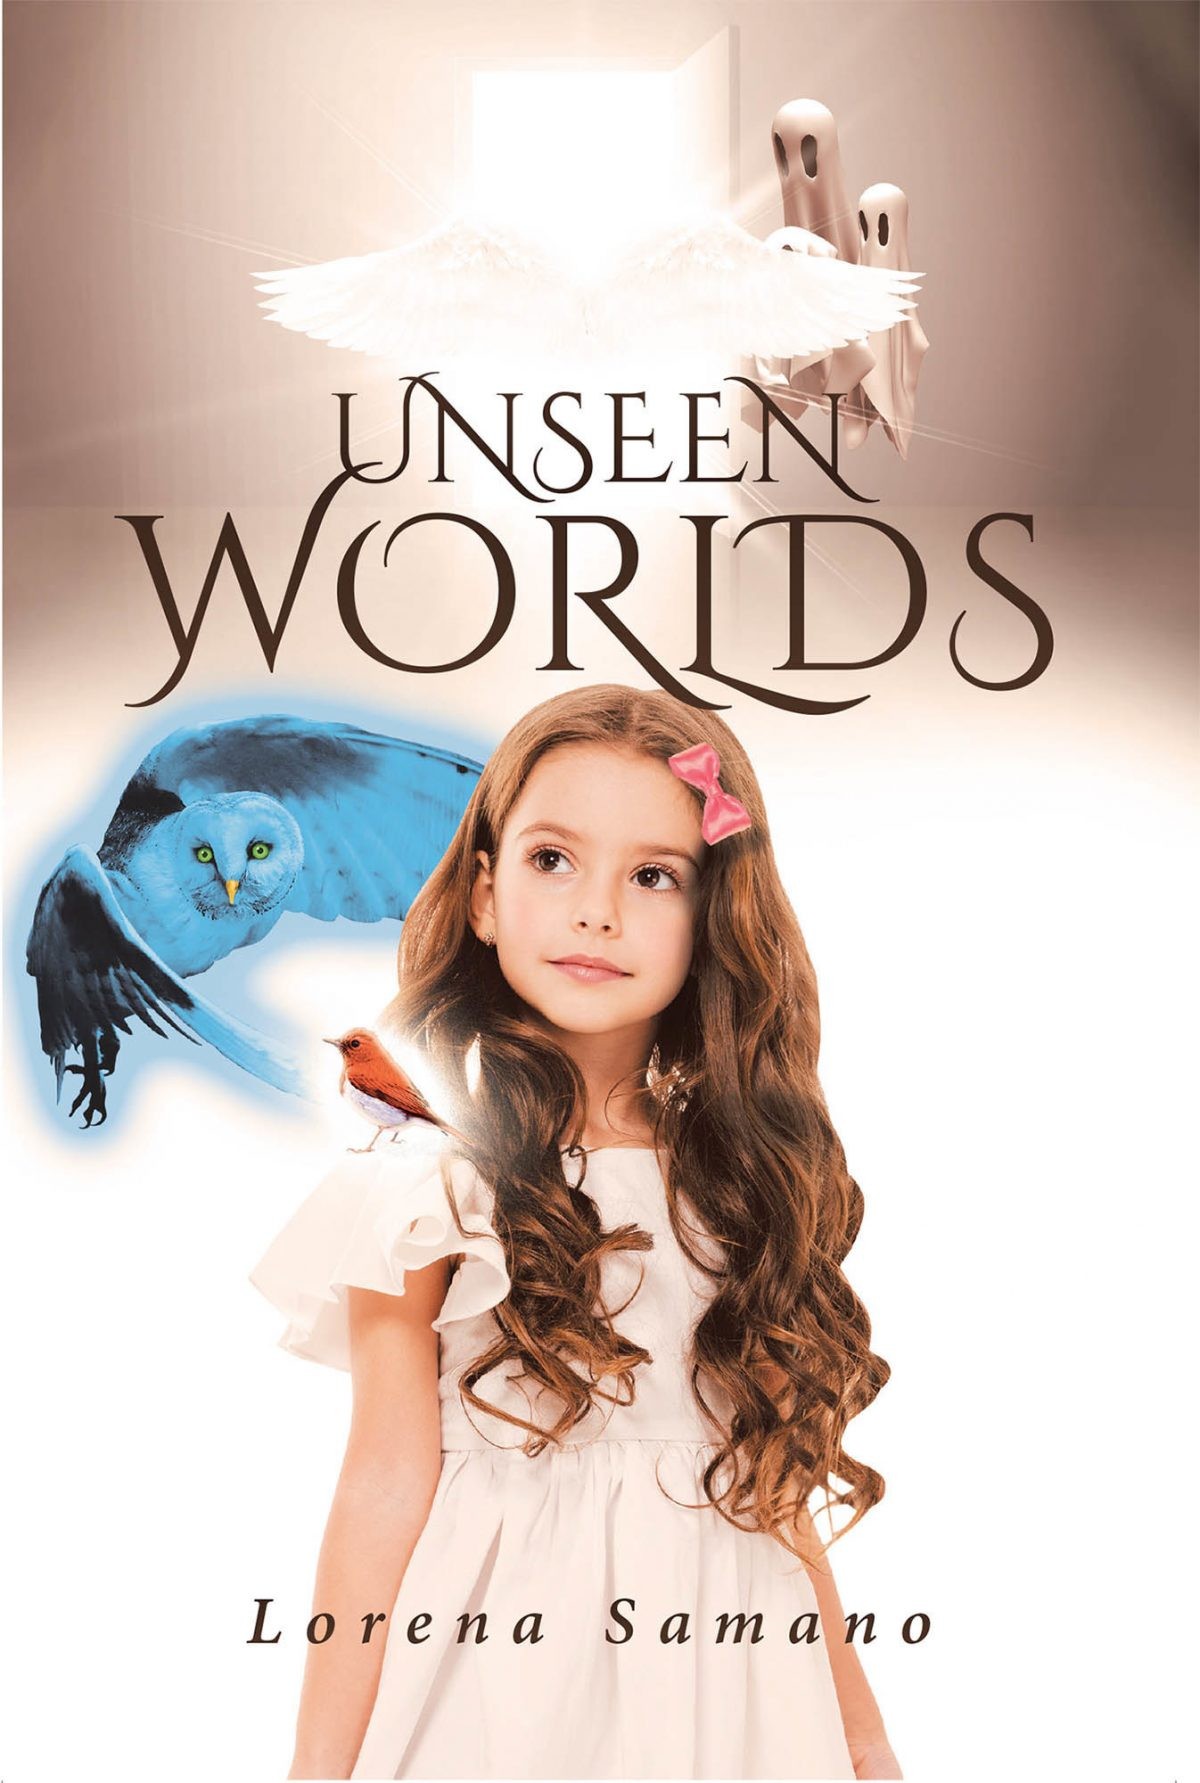 La más reciente obra publicada de la autora Lorena Samano, Unseen Worlds, un relato que nos muestra un mundo mágico y sobrenatural a través de los ojos de la pequeña Scarlett y su esperanza en busca de la felicidad.